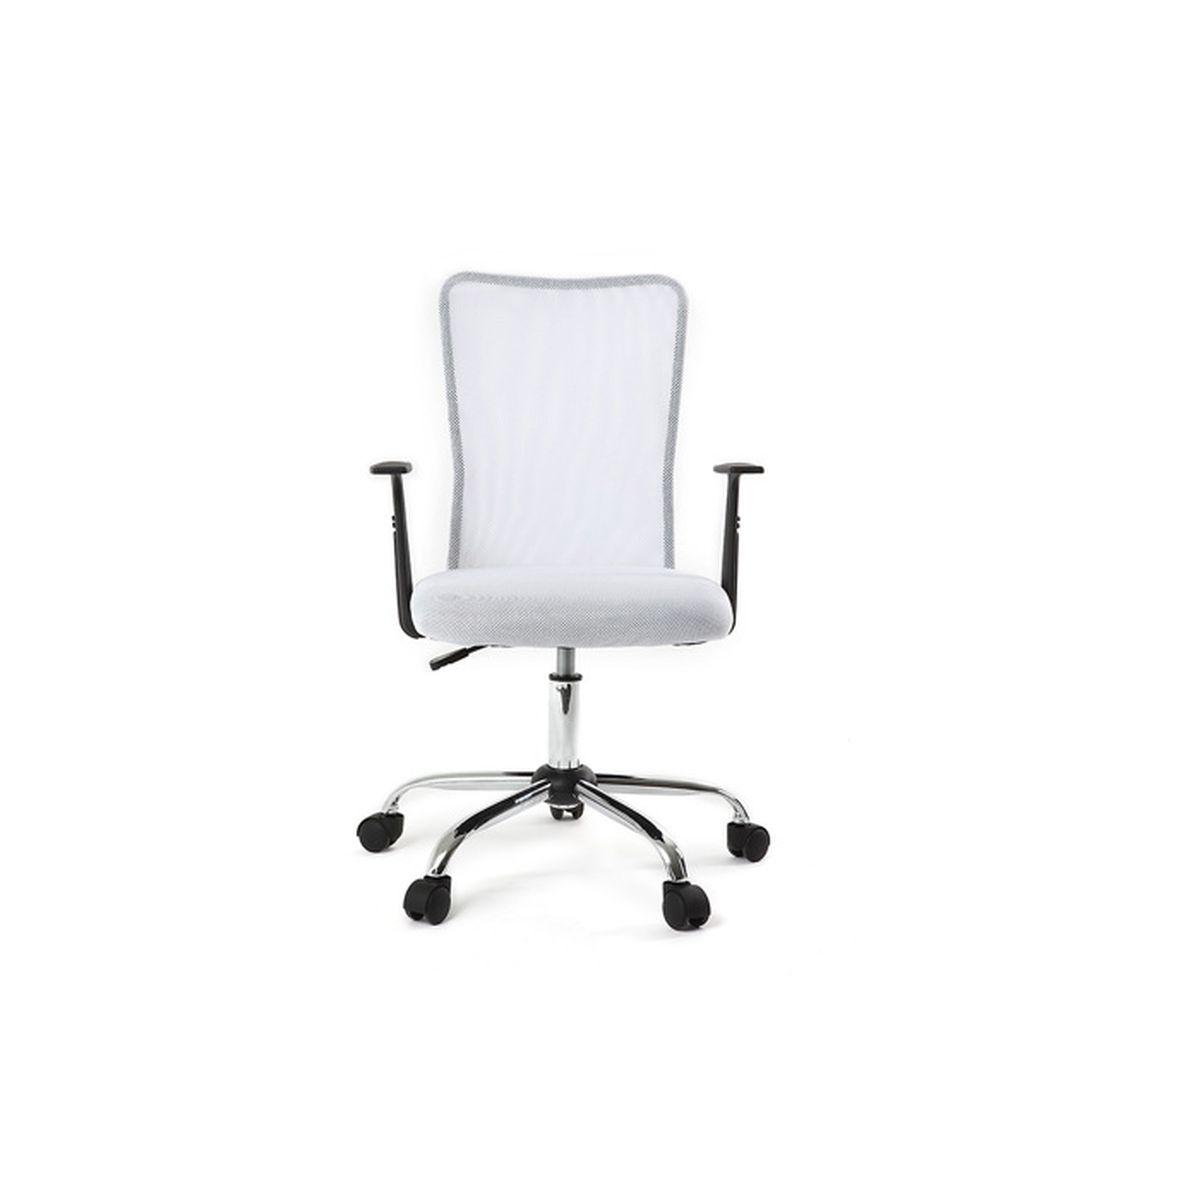 Blanc Fauteuil Achat De Bureau Mesh Vente Pluz Chaise Design sChxdtrQ